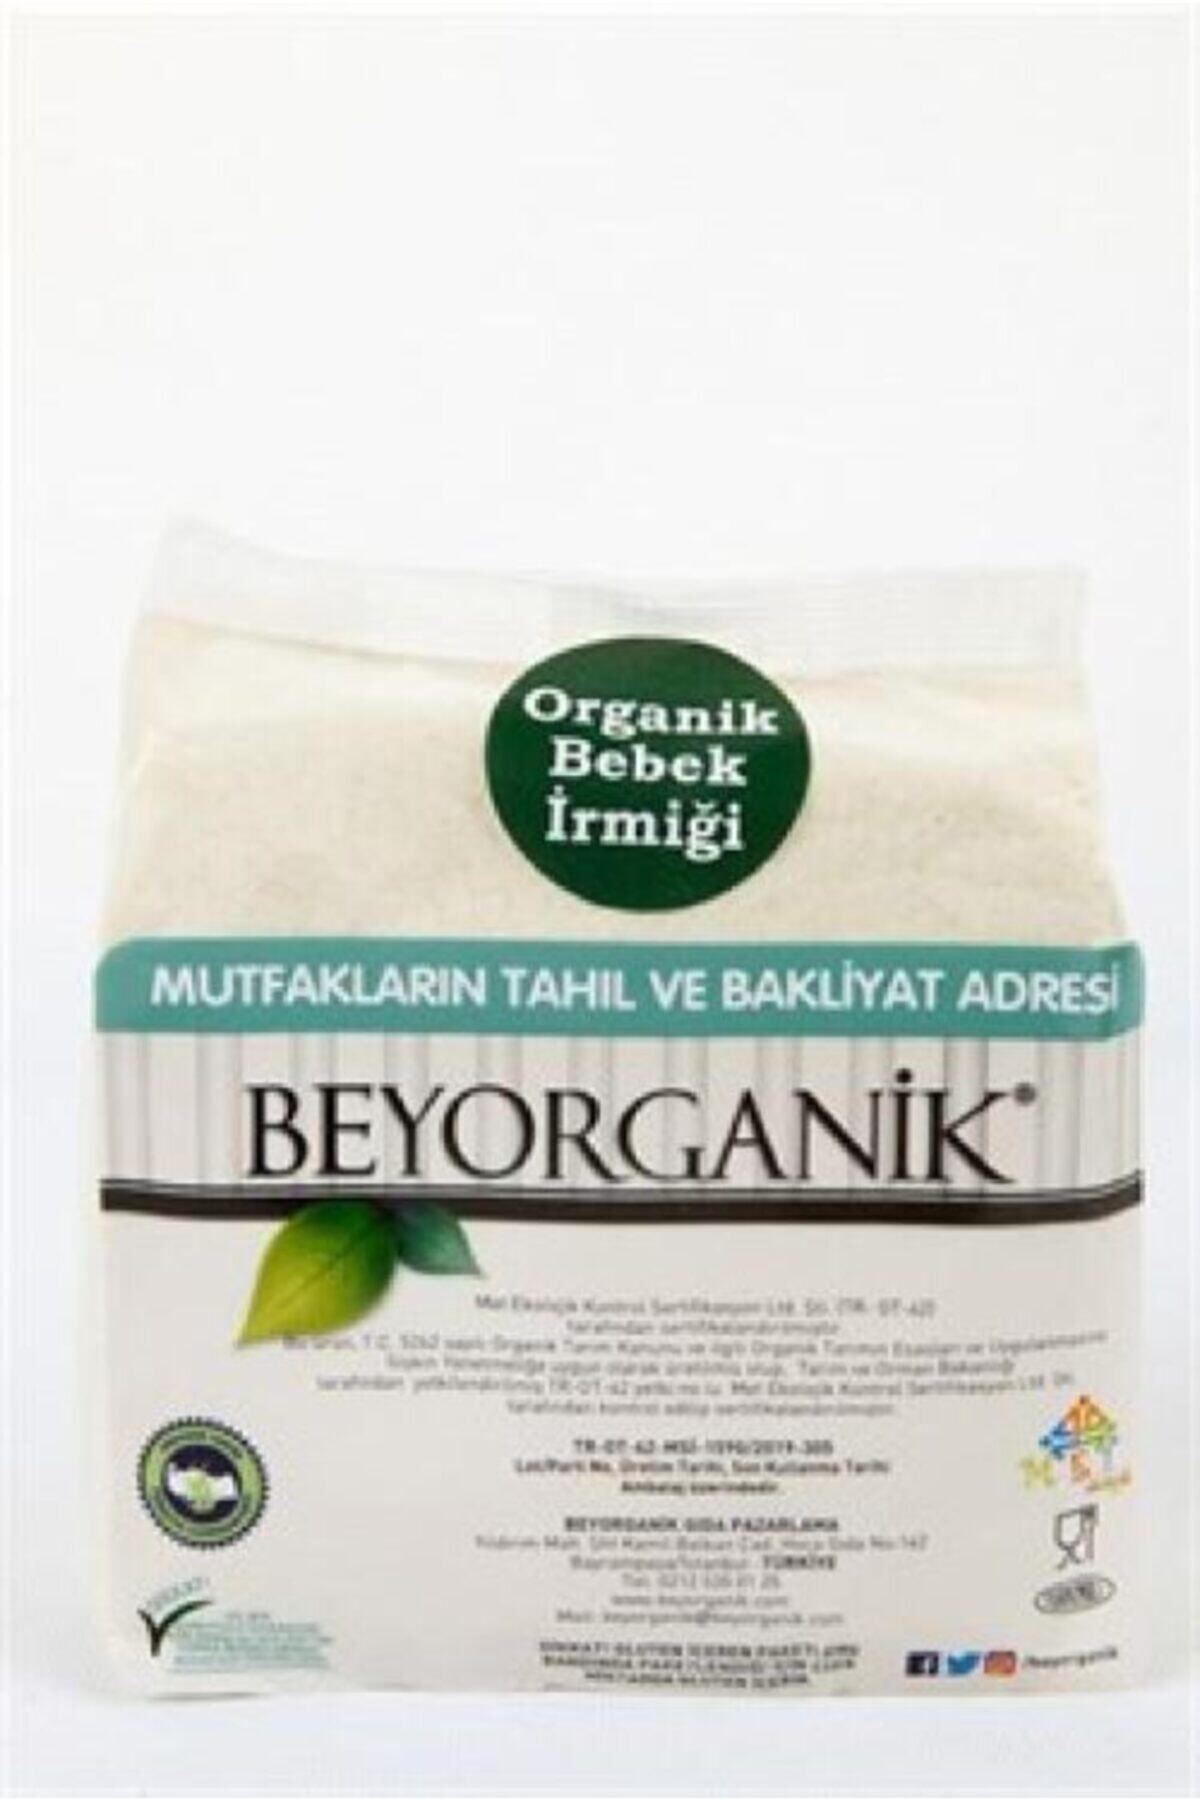 BEYORGANİK Organik Bebek Irmiği 350 G 1